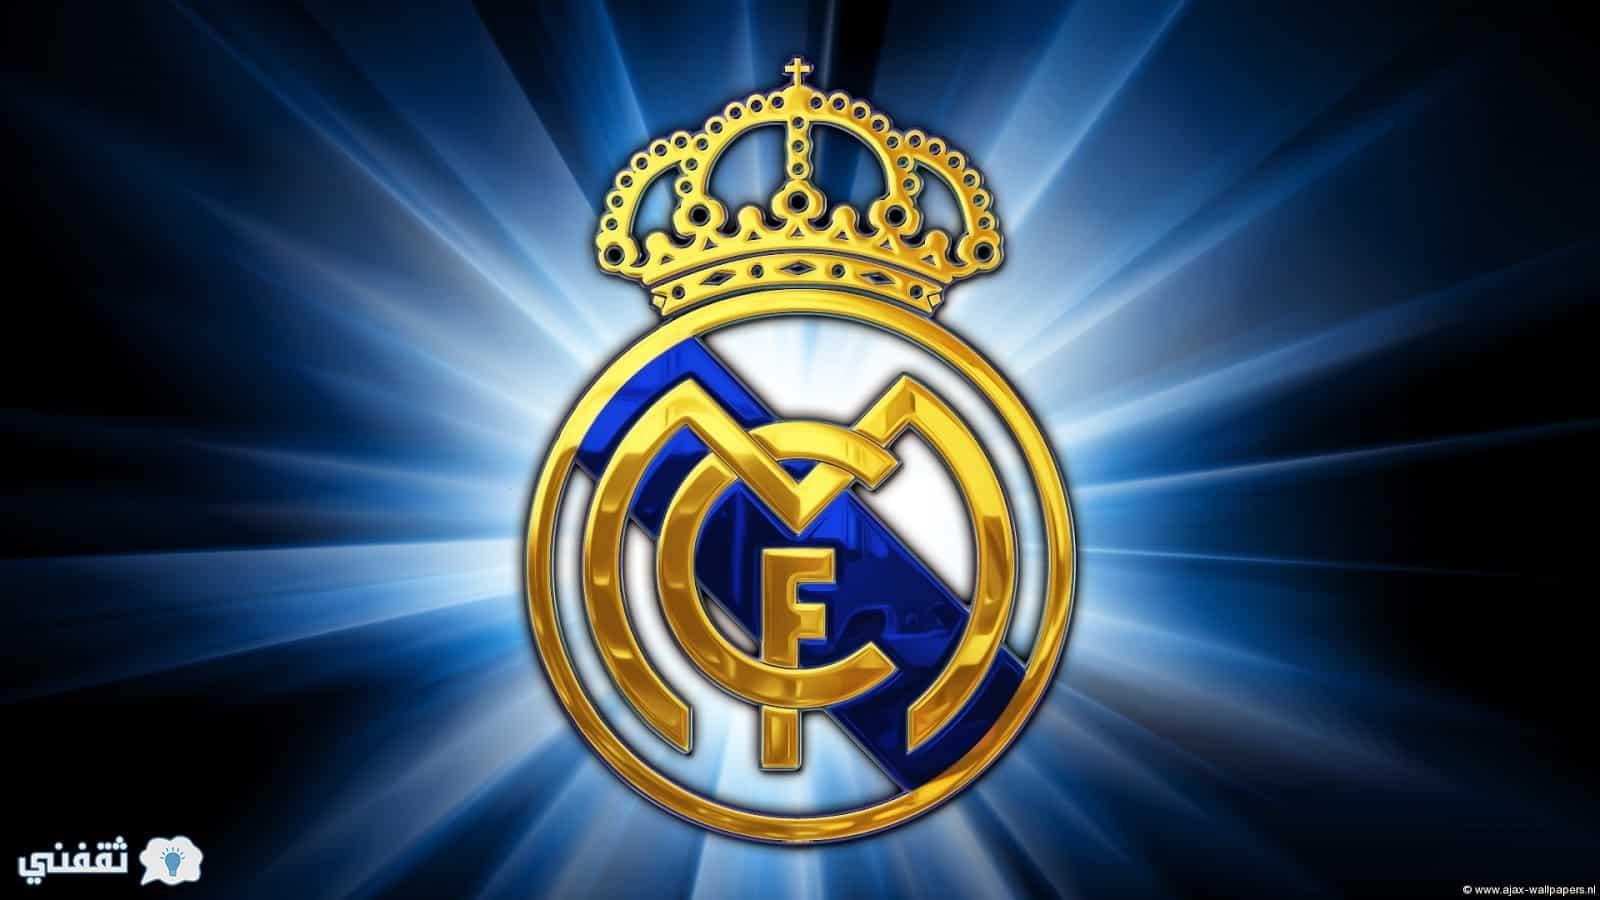 اخبار ريال مدريد للموسم 2017/2018 ومتابعة اخر اخبار ريال مدريد خلال الميركاتو الصيفي 2017